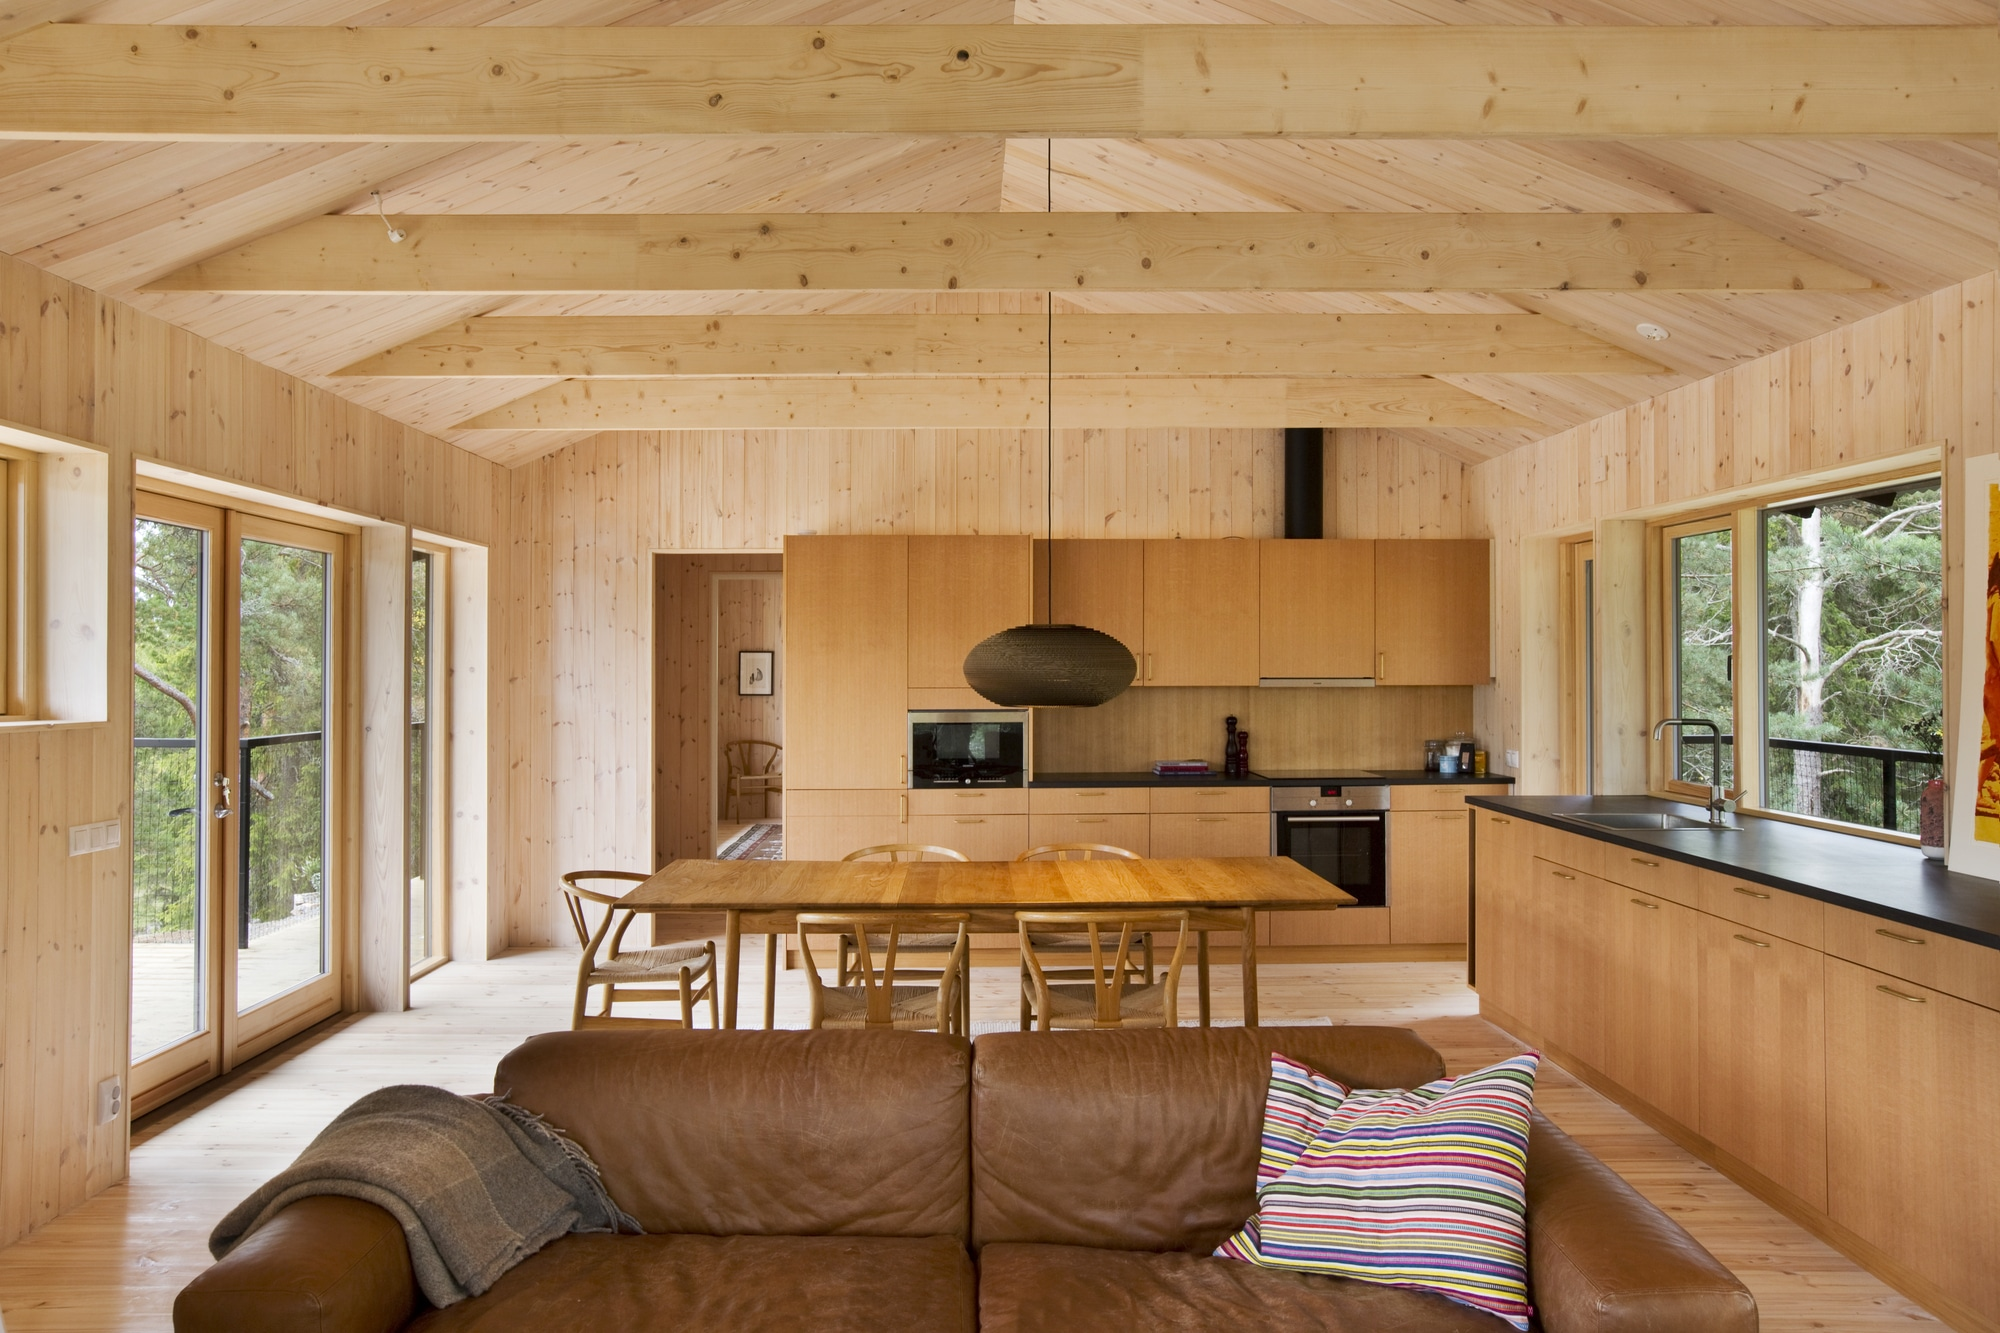 Dise o de casa peque a de madera fachada planos for Diseno y decoracion de casas